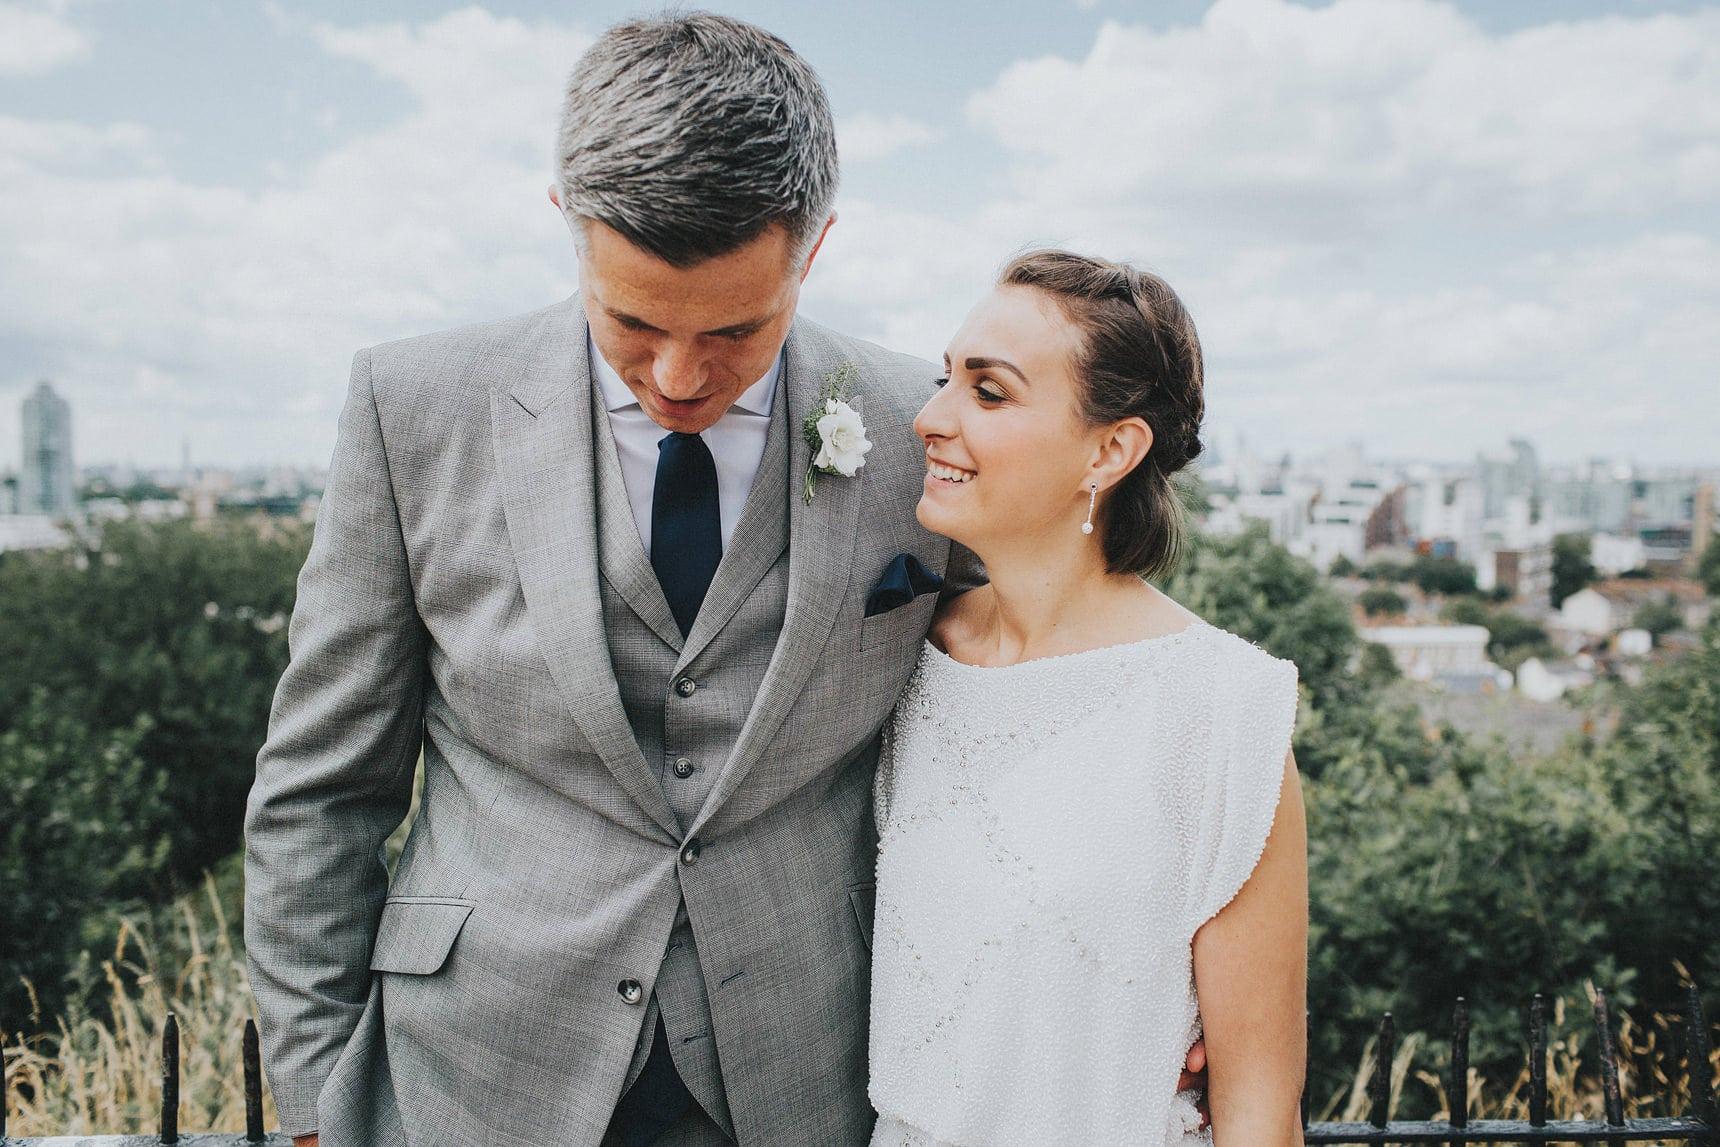 wedding photos in greenwich london